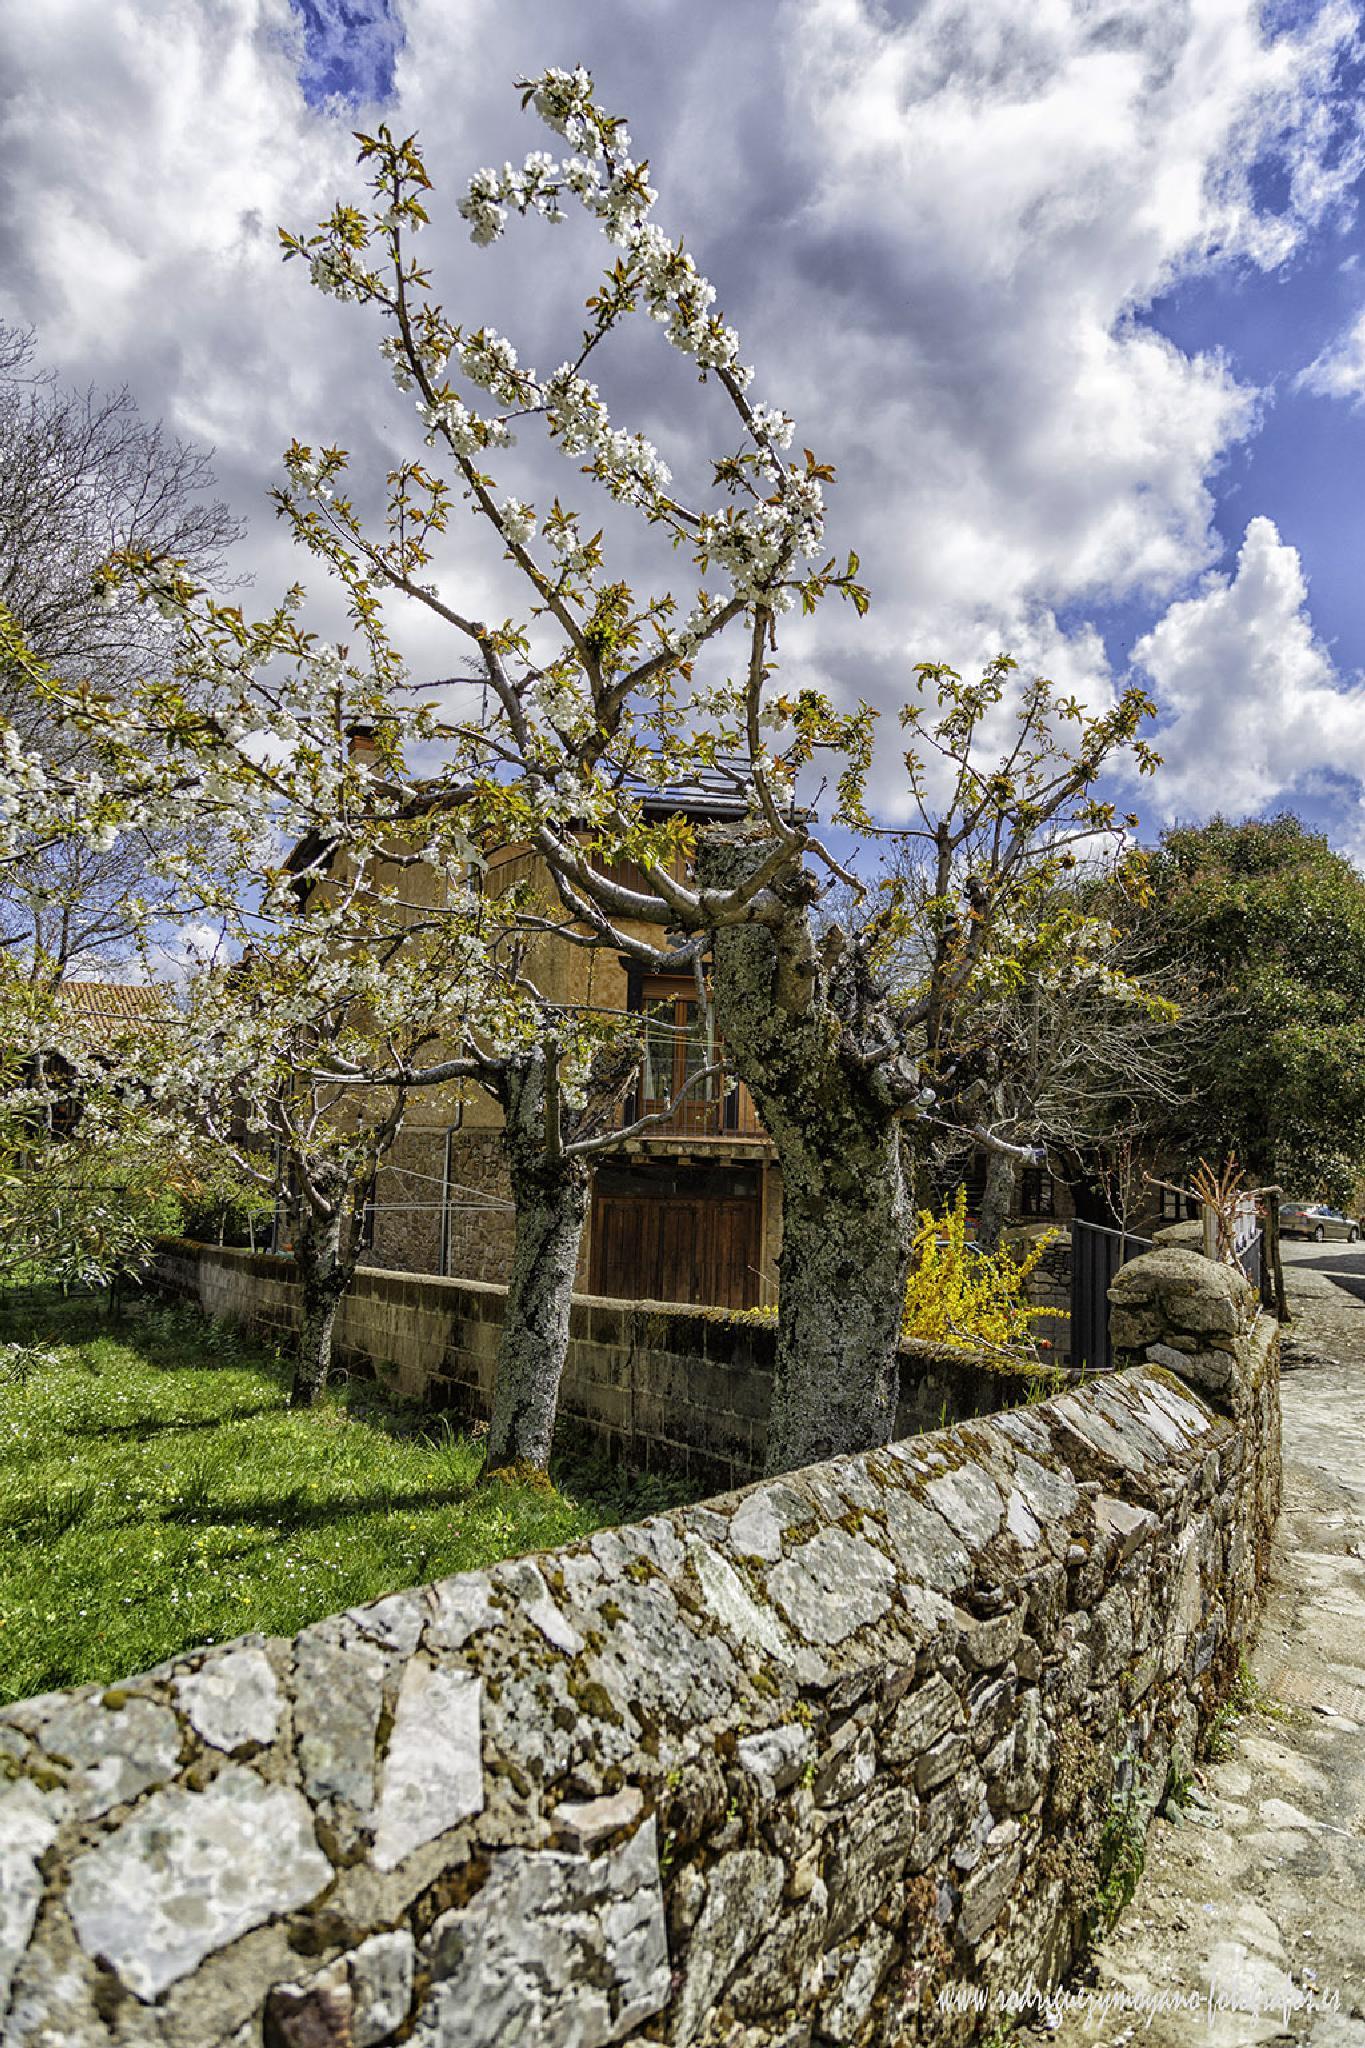 La Alberca - Salamanca - Spain by luisrguez